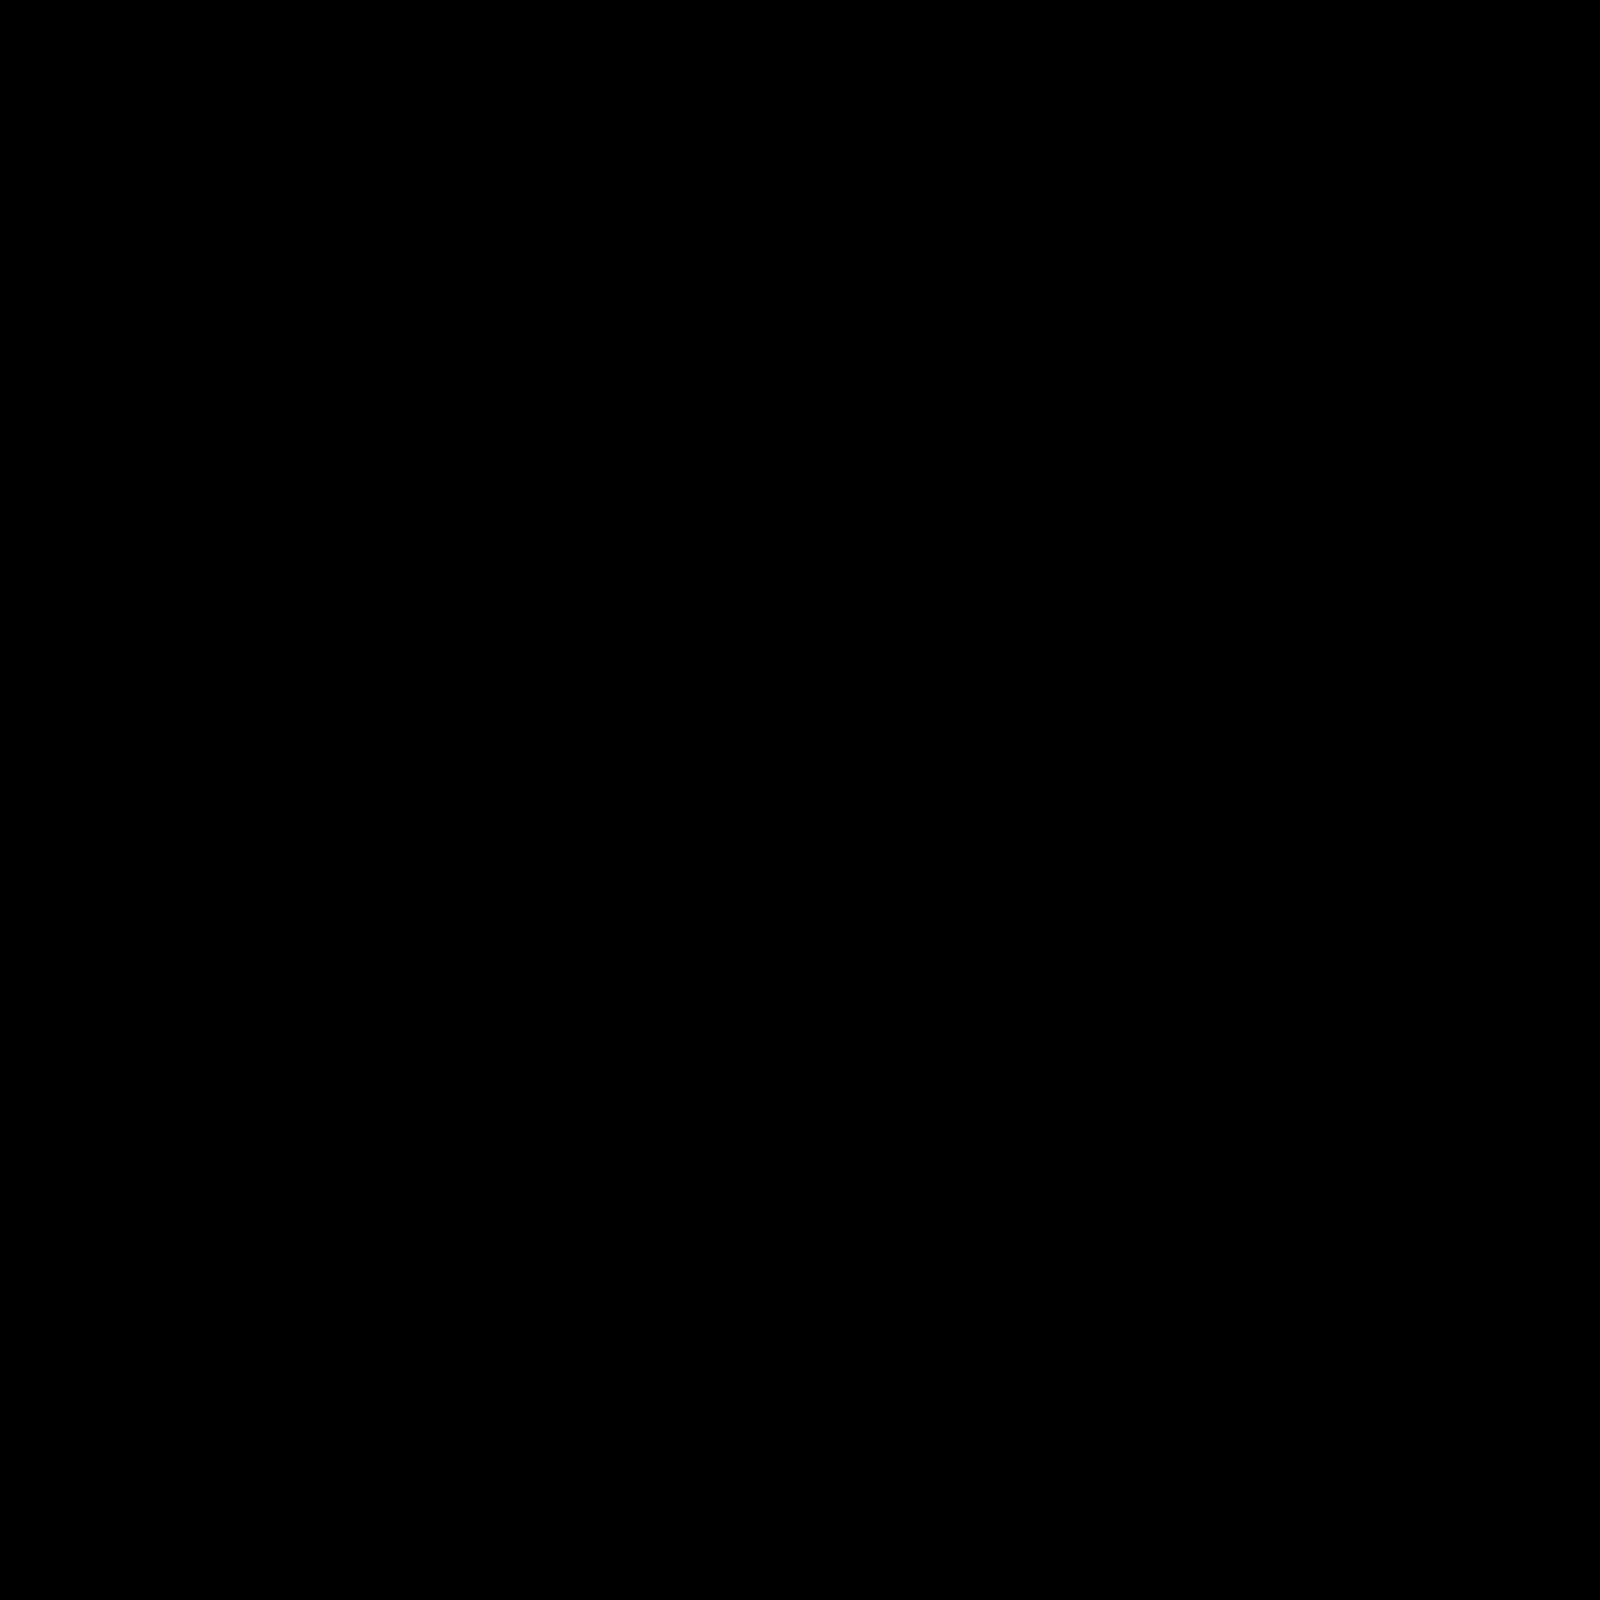 詳細 icon. There are three squares that are lined up vertically and they have two dashes beside each one. The first square contains a mountain and sun. The second square has a five petal flower inside. The third and bottom square has a sun inside.